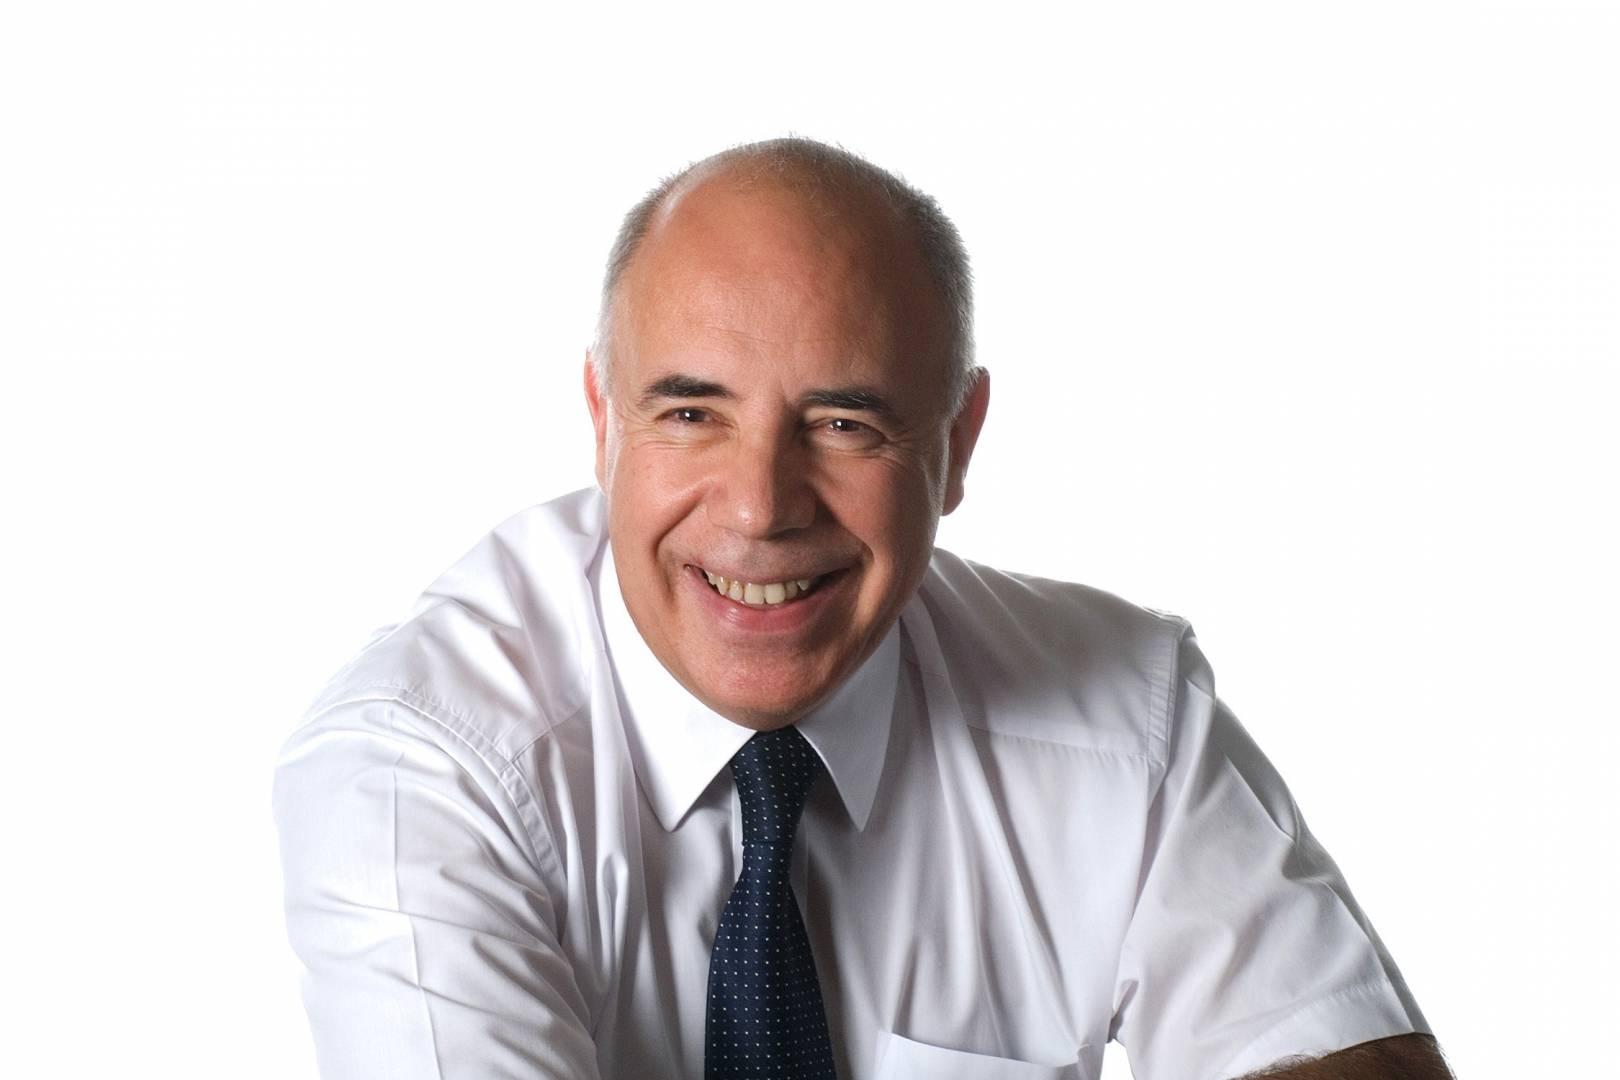 Tony Kinsella, chief executive